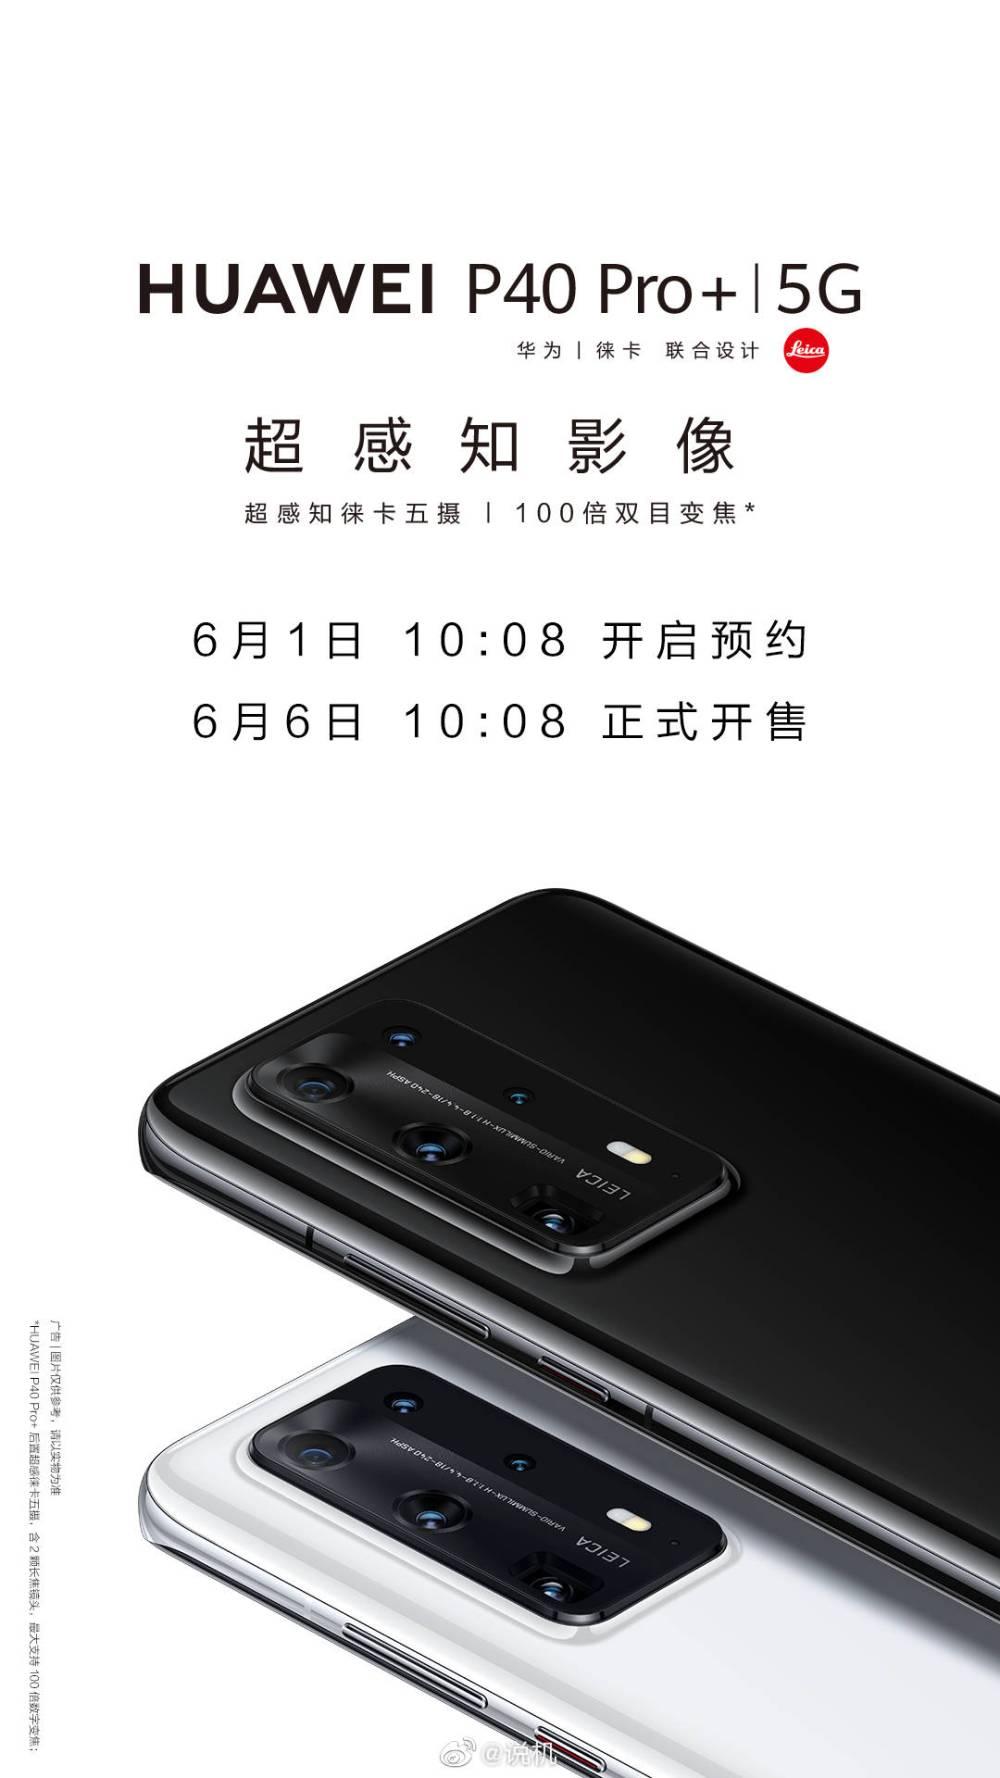 Huawei P40 Pro+ Sale Date